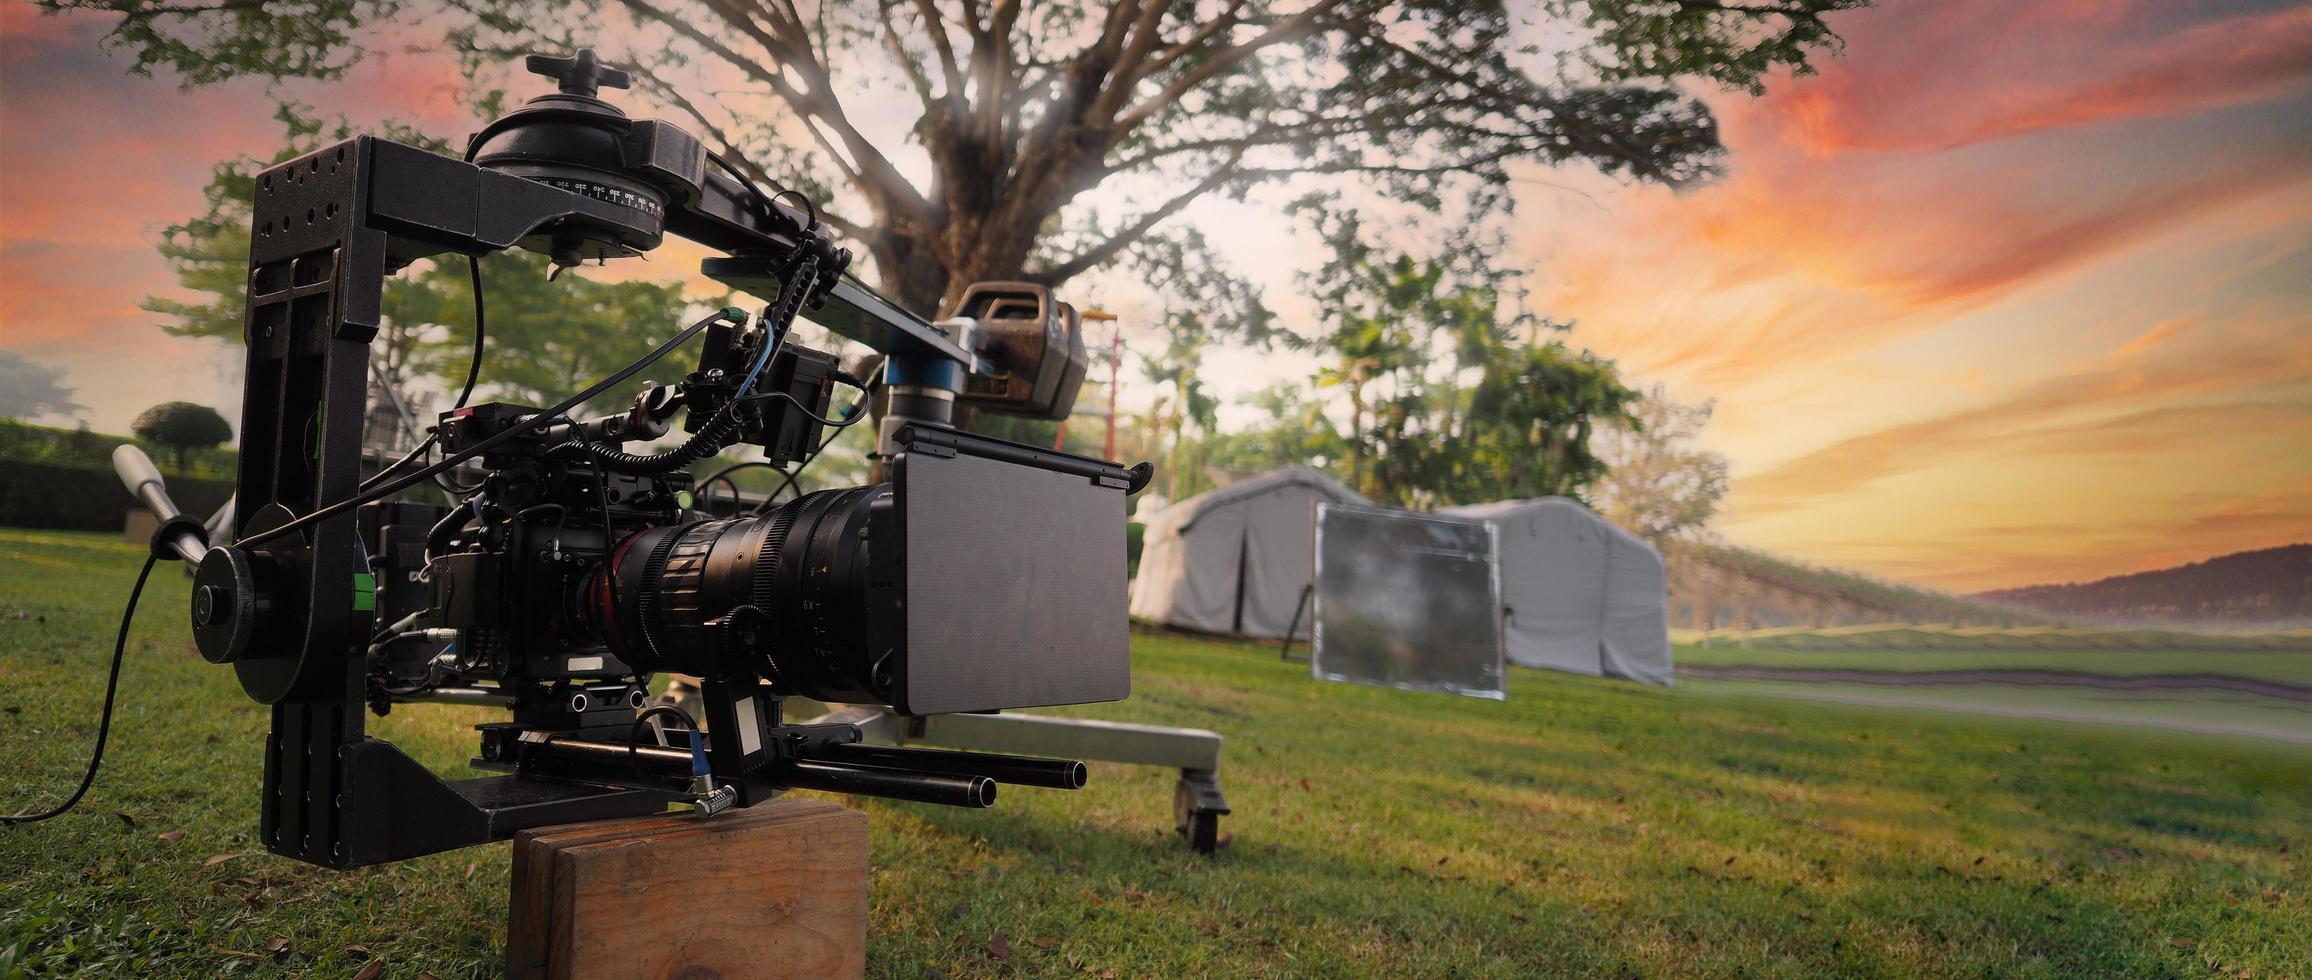 bakom videokameran som för inspelning av film utomhus. foto